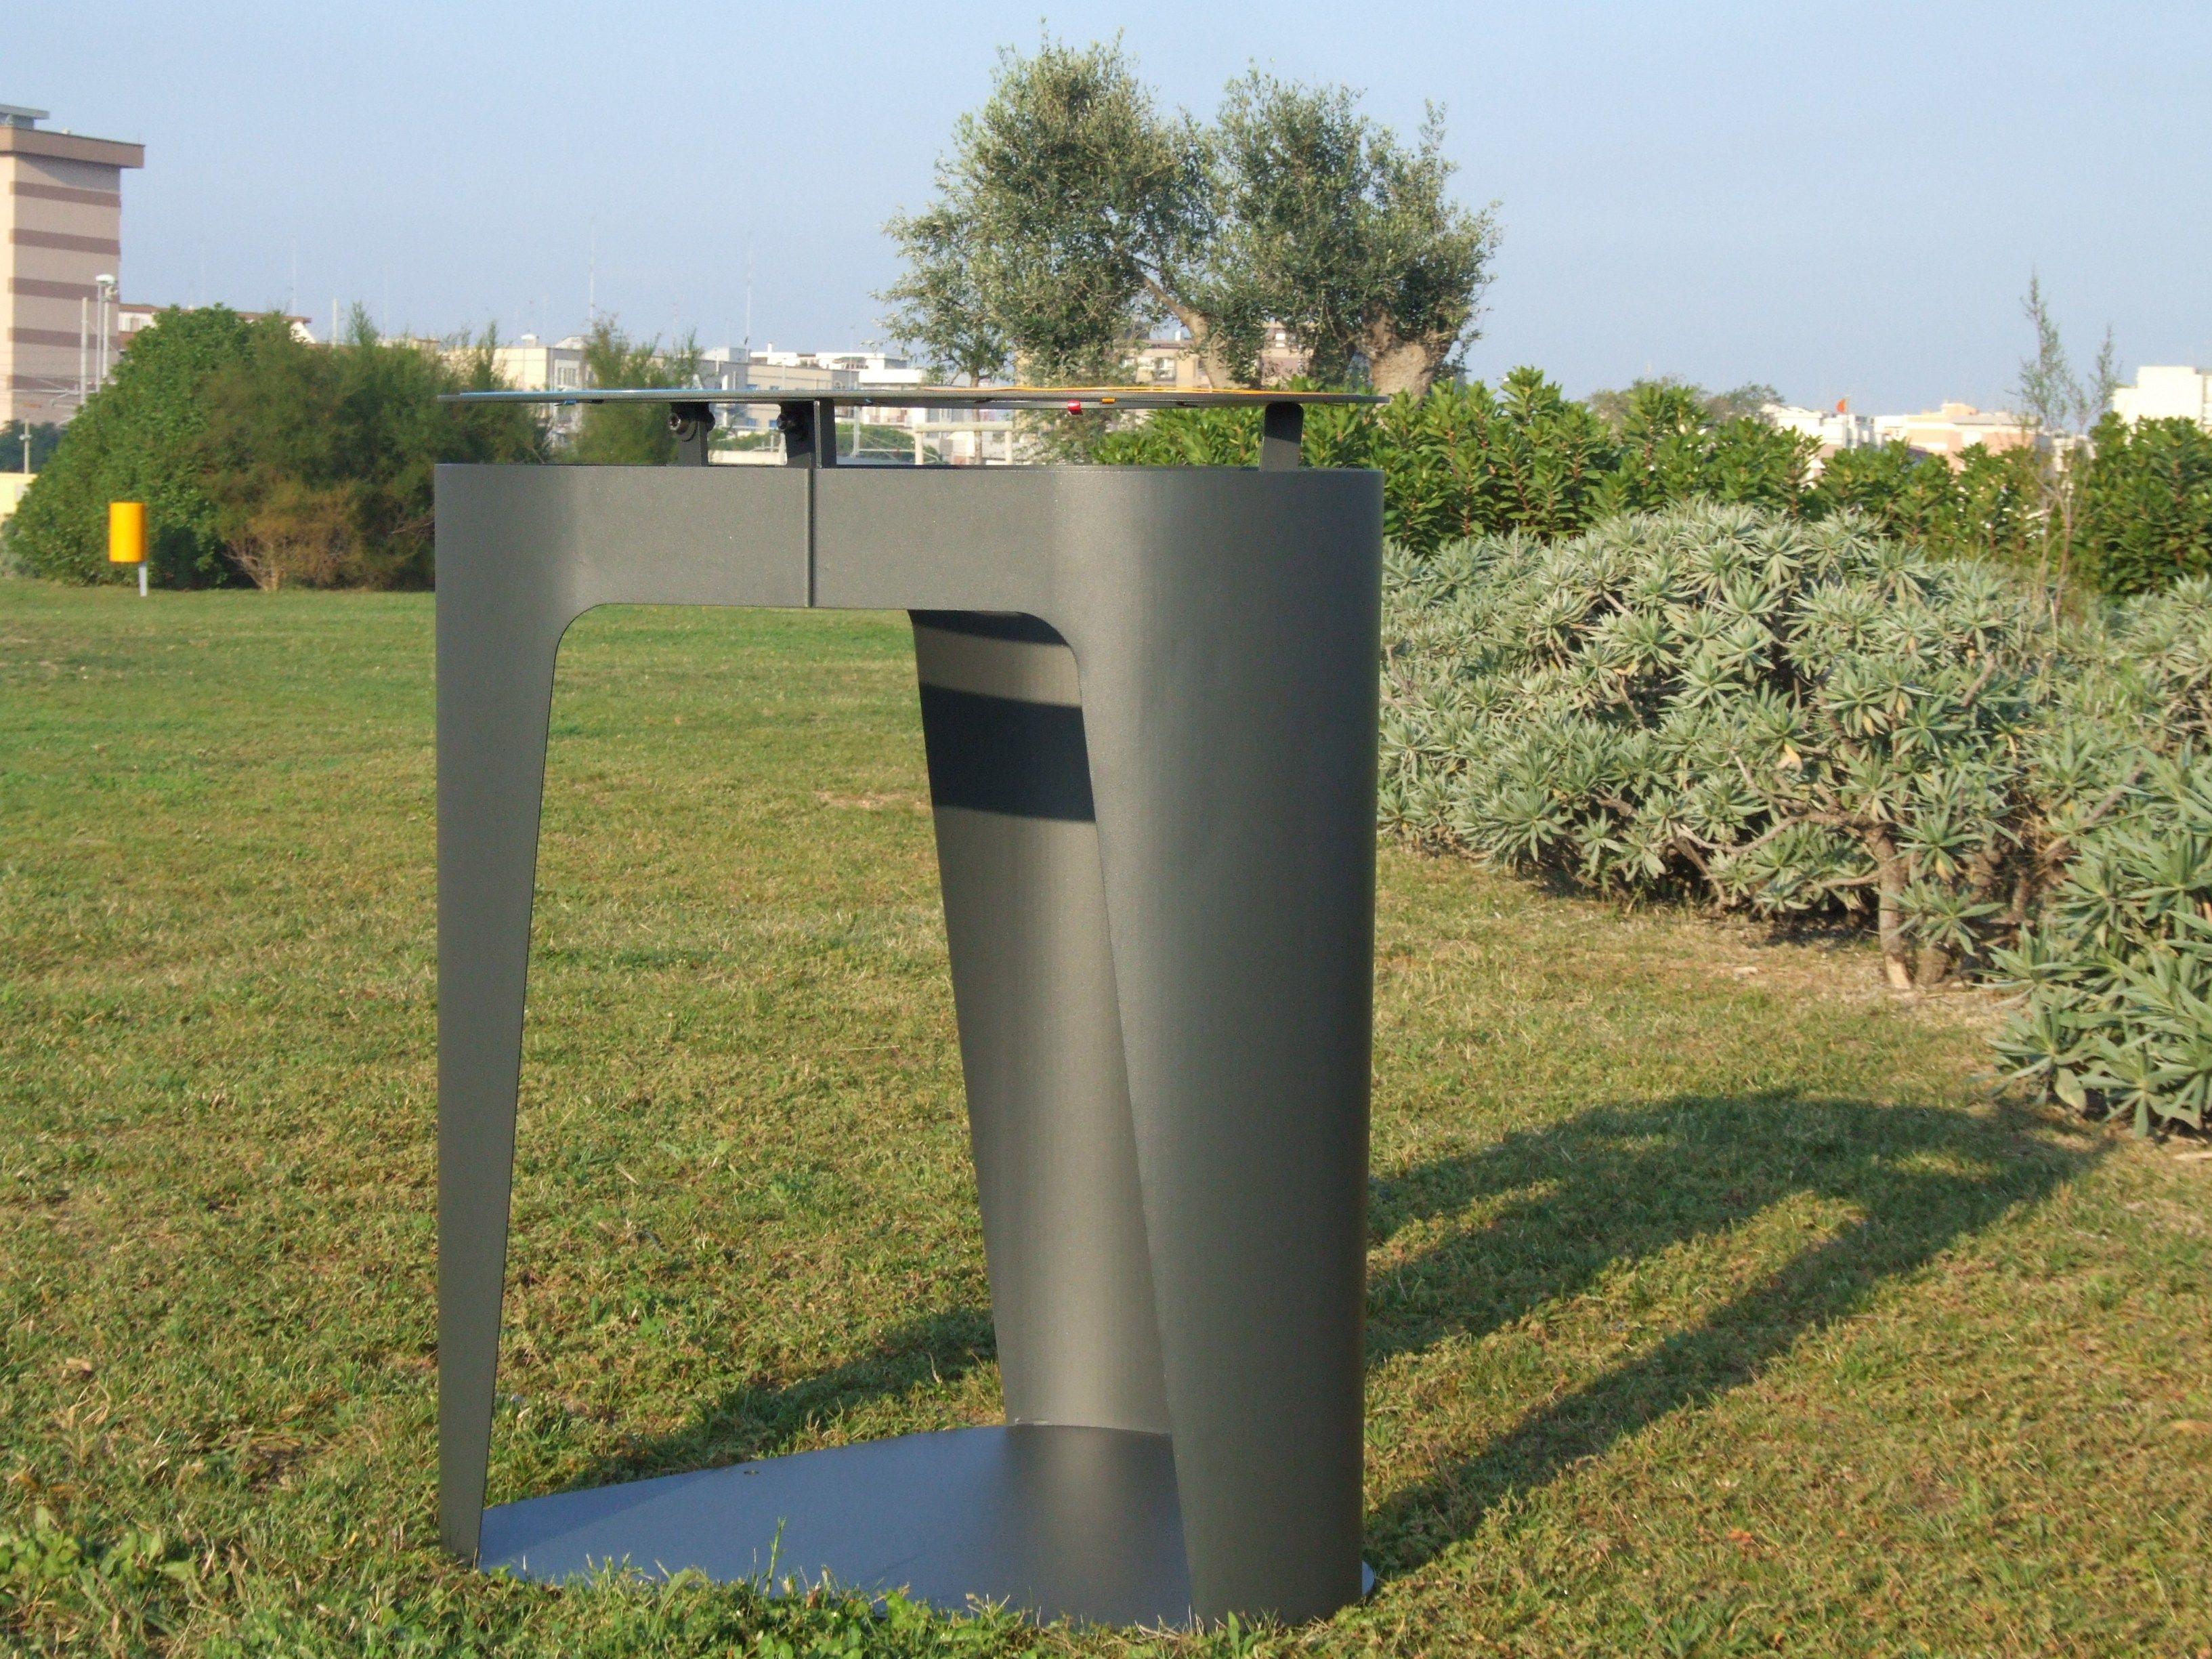 Poubelle pour ext rieur de tri s lectif churchill by lab23 for Poubelle exterieur design